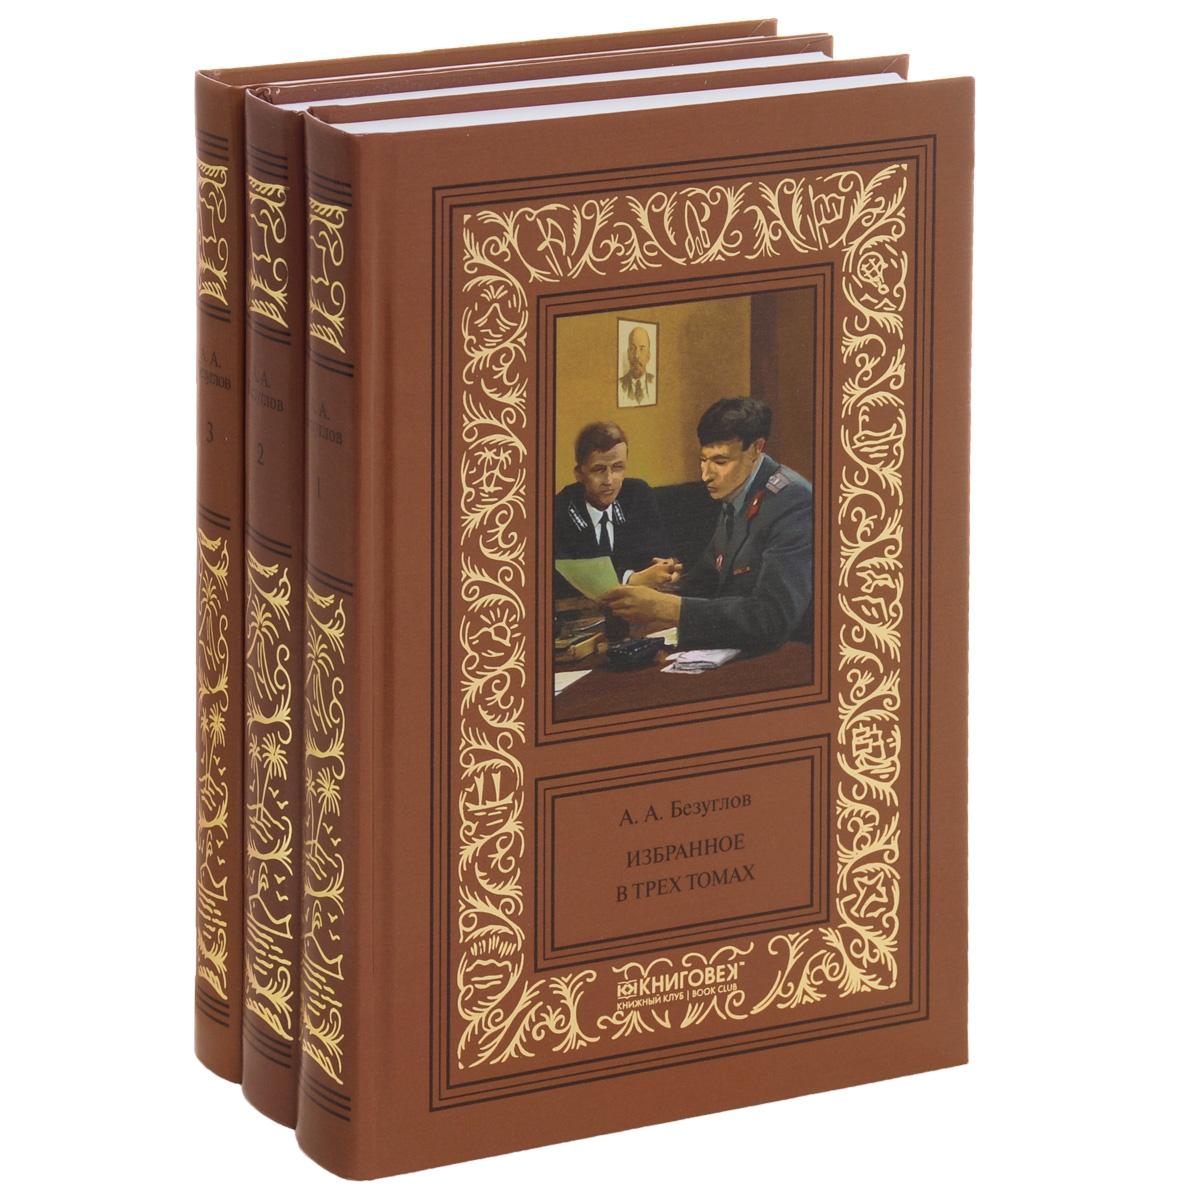 А. А. Безуглов А. А. Безуглов. Избранное. В 3 томах. (комплект из 3 книг) безуглов а а мафия